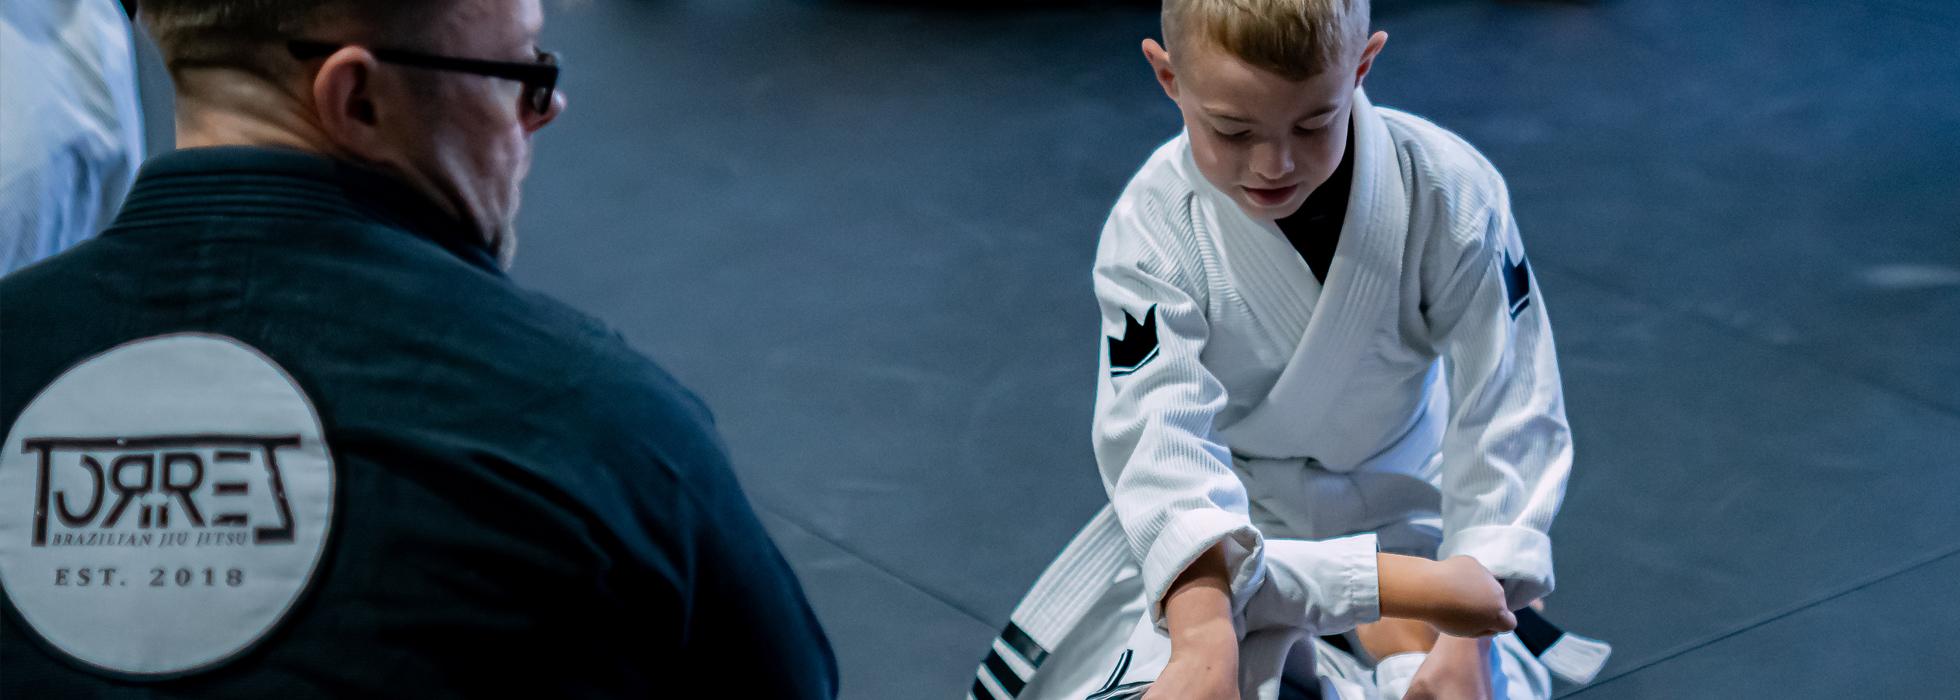 Kids Brazilian Jiu Jitsu Ages 4-6 in Spring TX, Kids Brazilian Jiu Jitsu Ages 4-6 near The Woodlands TX, Kids Brazilian Jiu Jitsu Ages 4-6 near Klein, Kids Brazilian Jiu Jitsu Ages 4-6 near Tomball TX